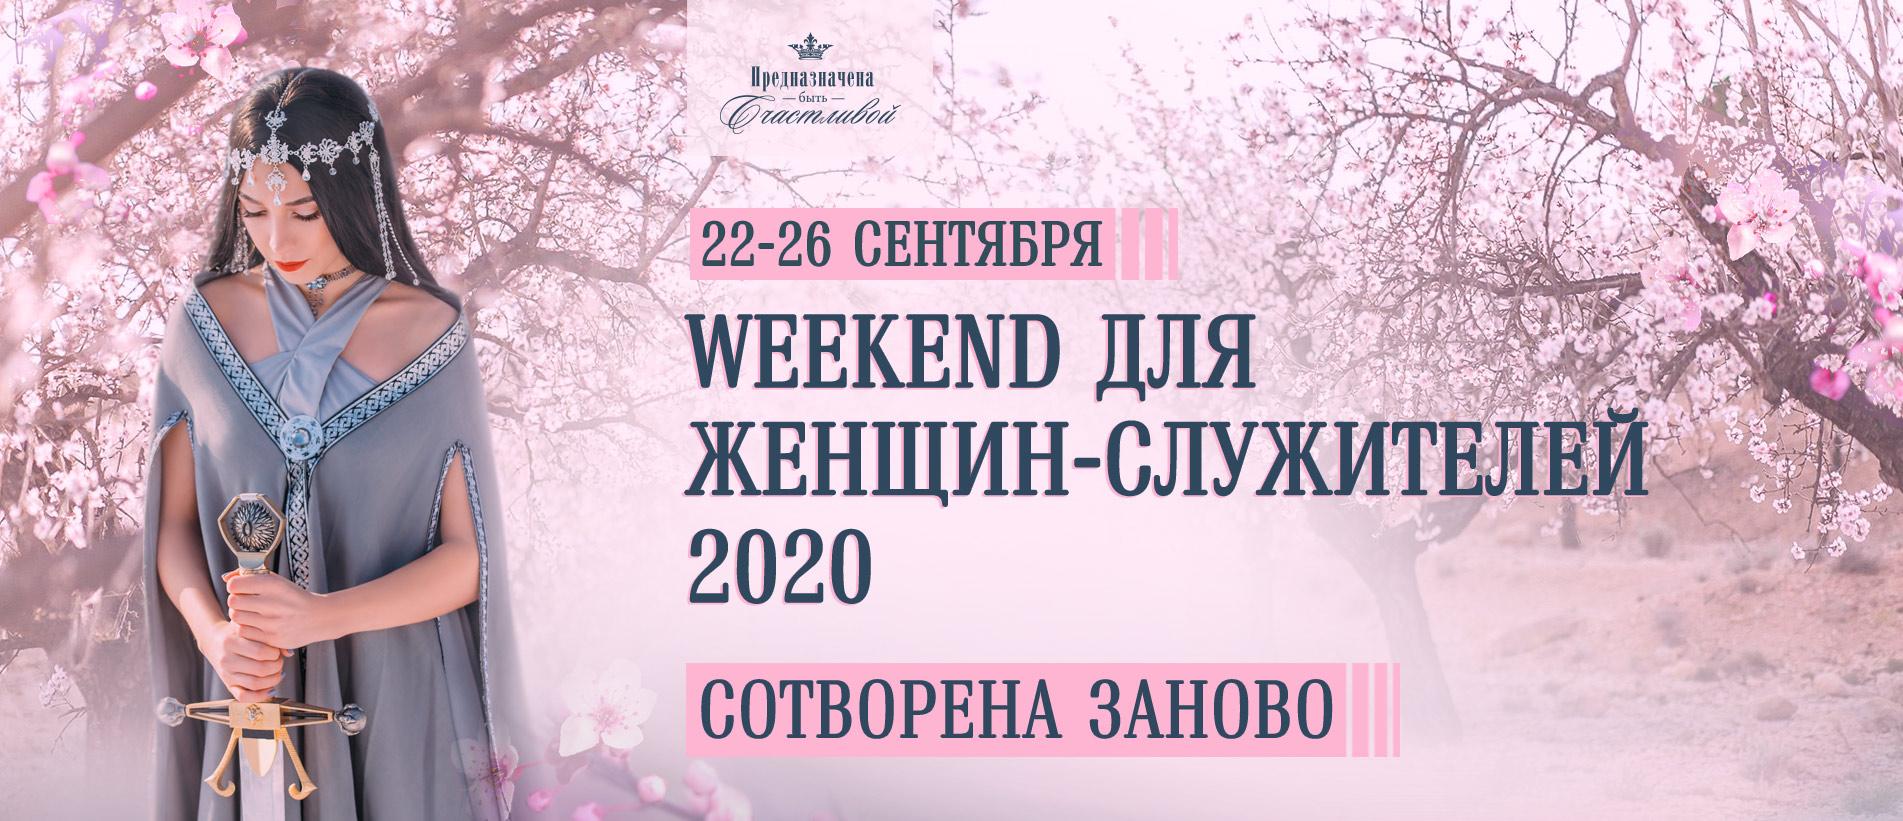 Weekend для женщин-служителей 2020